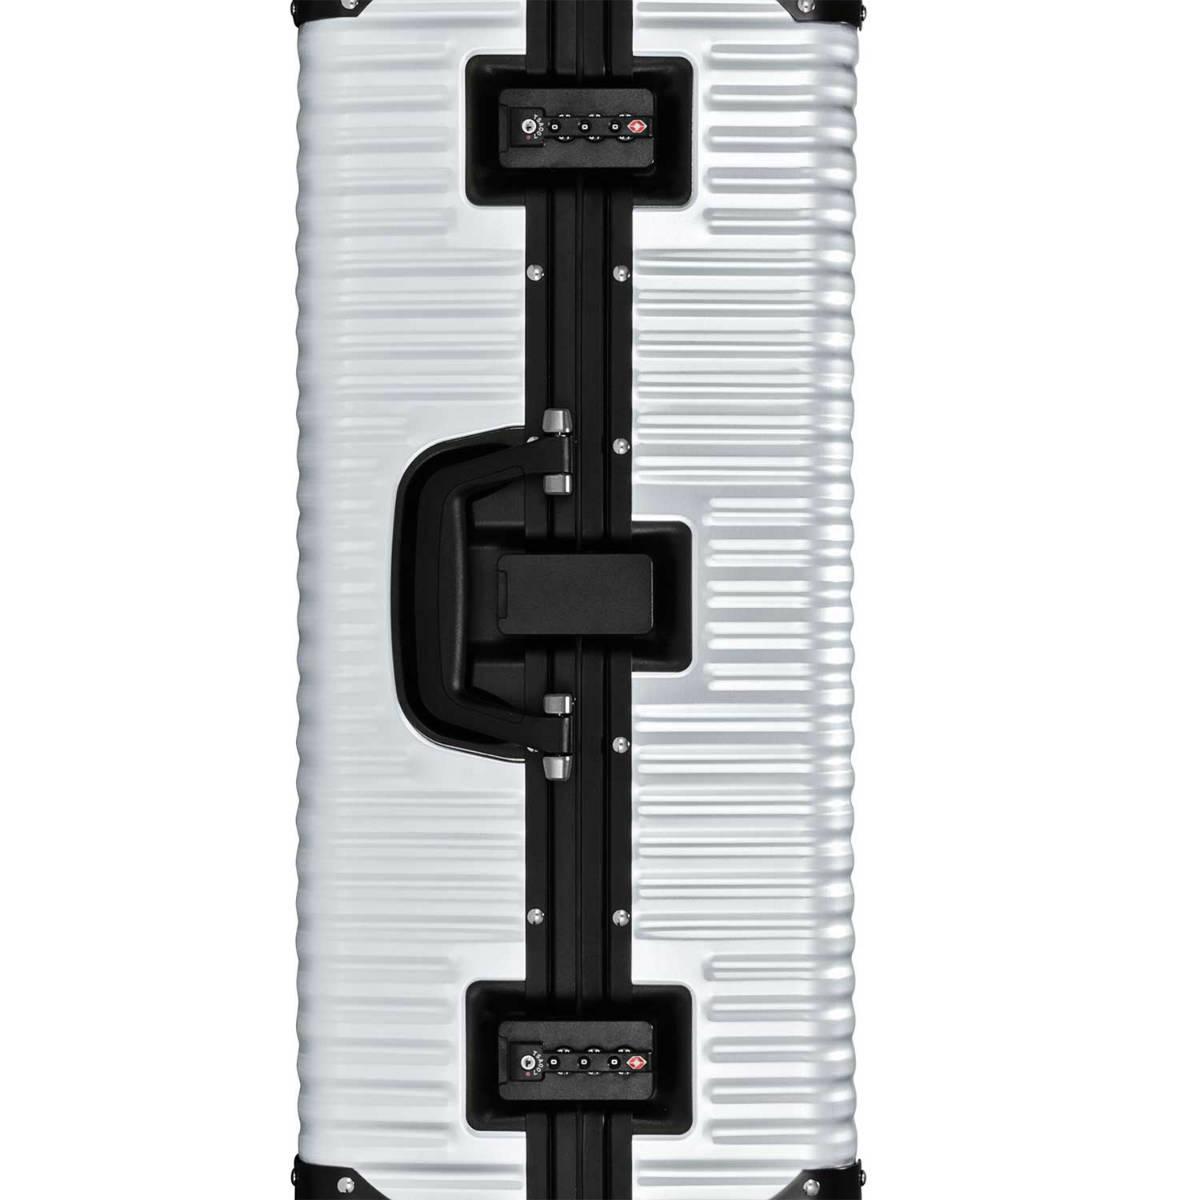 【クリアランスセール・GoTo トラベル】ランツォ LANZZO Norman ノーマン 4輪 87L 約7.0kg ダイアルロック式 アルミ スーツケース Al-Mg29 62901 SLV(シルバー)【返品交換不可】special priceAM